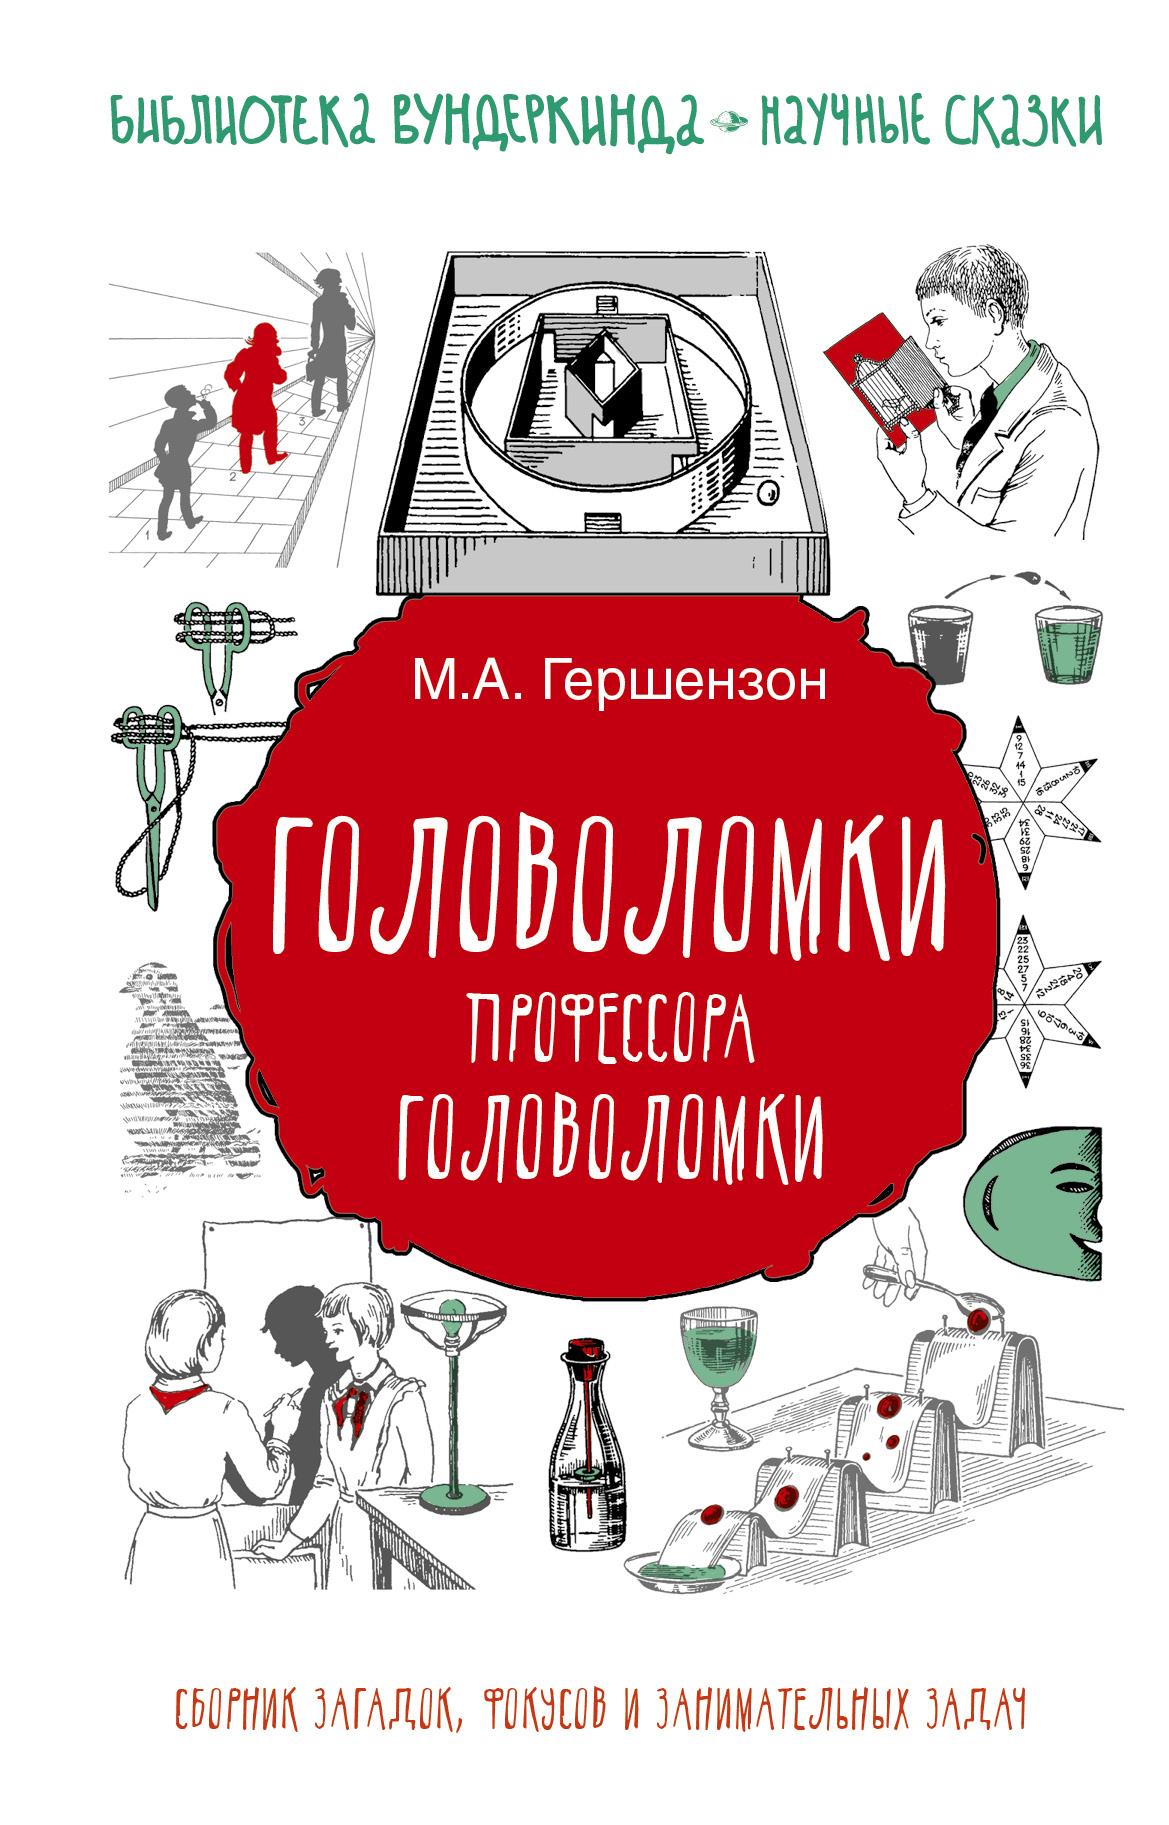 Гершензон М.А. Головоломки профессора Головоломки: сборник загадок, фокусов и занимательных задач